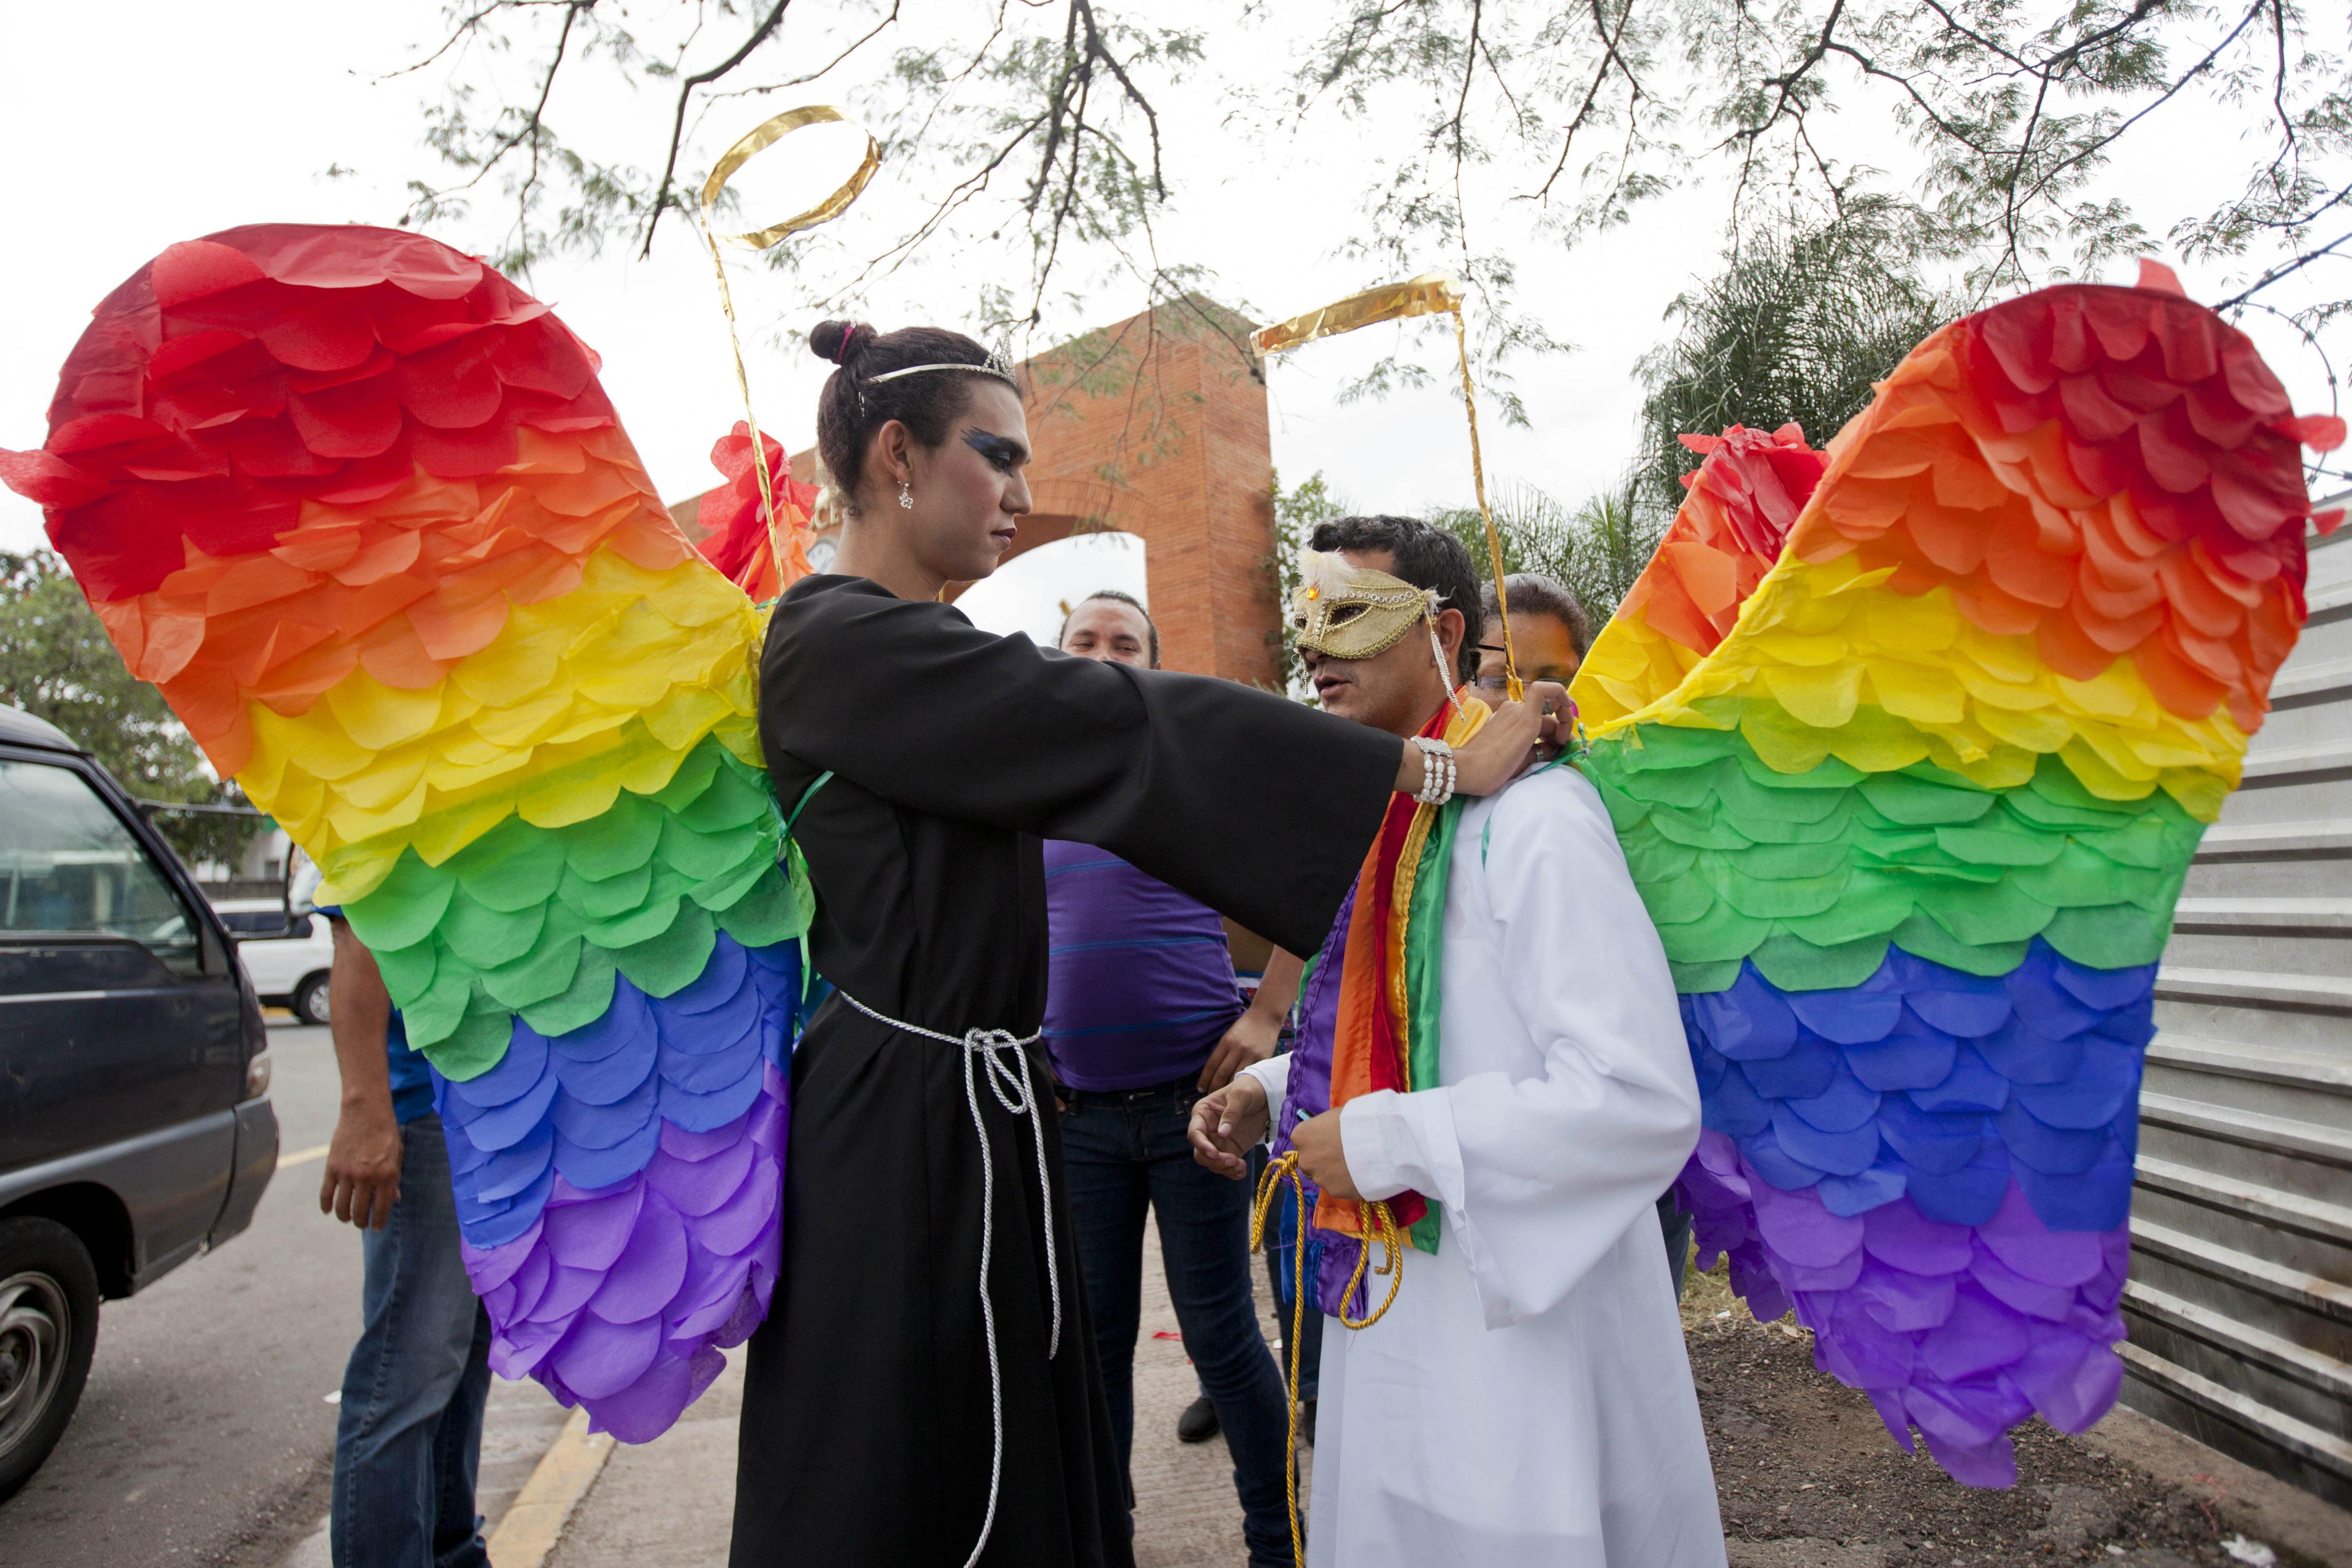 Comunidad LGBTQ vulnerable bajo gobierno de Donald Trump